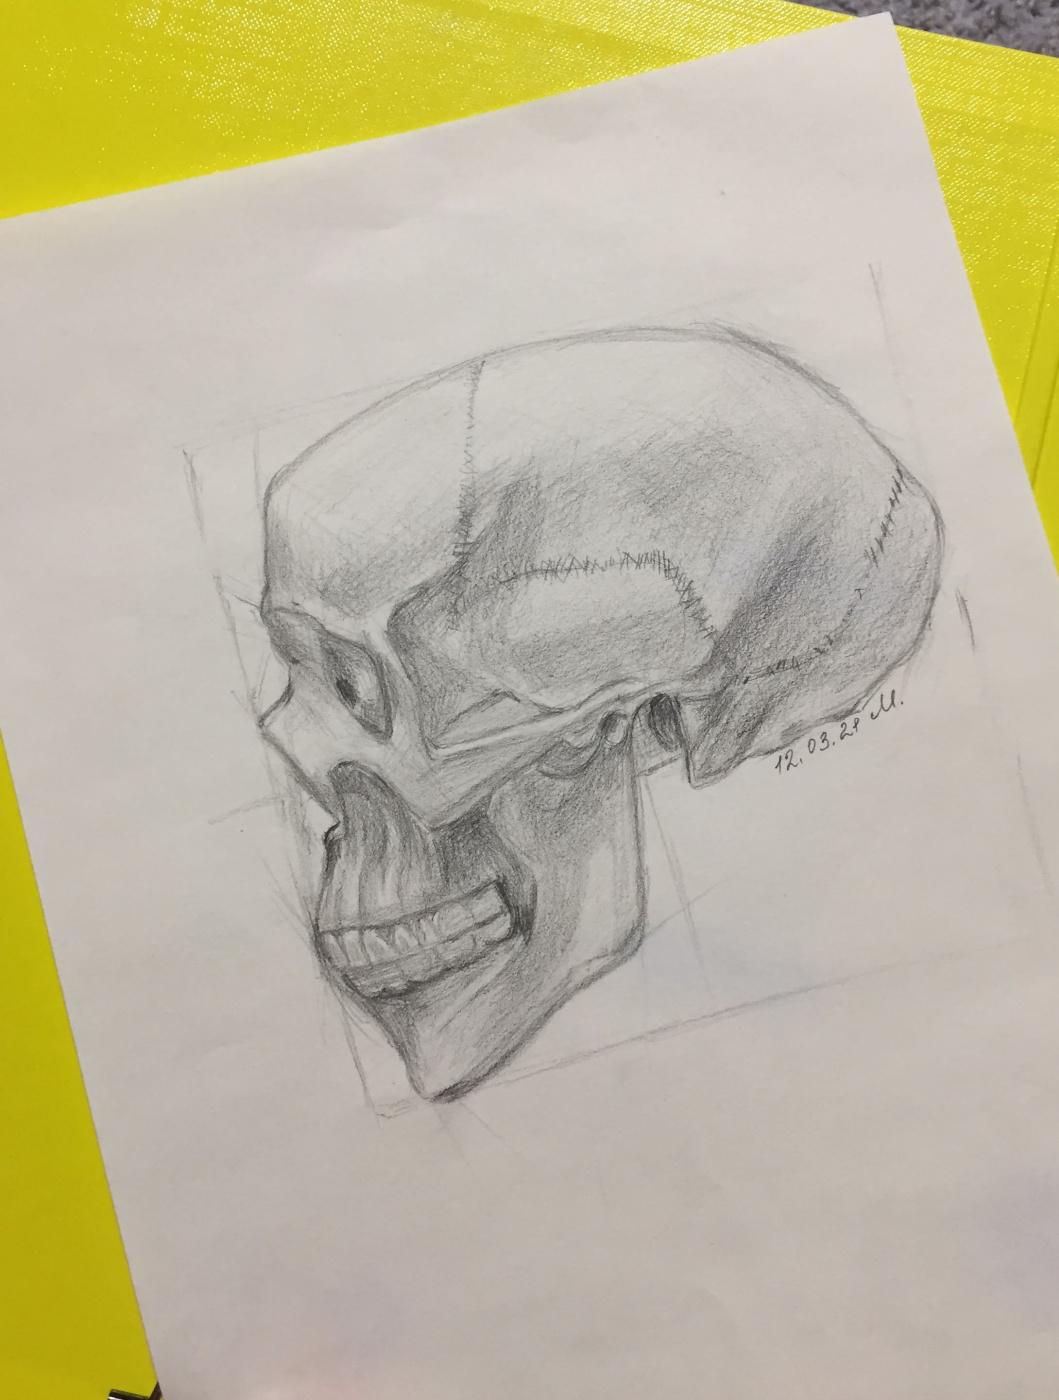 Victoria Maltseva. Skeleton profile